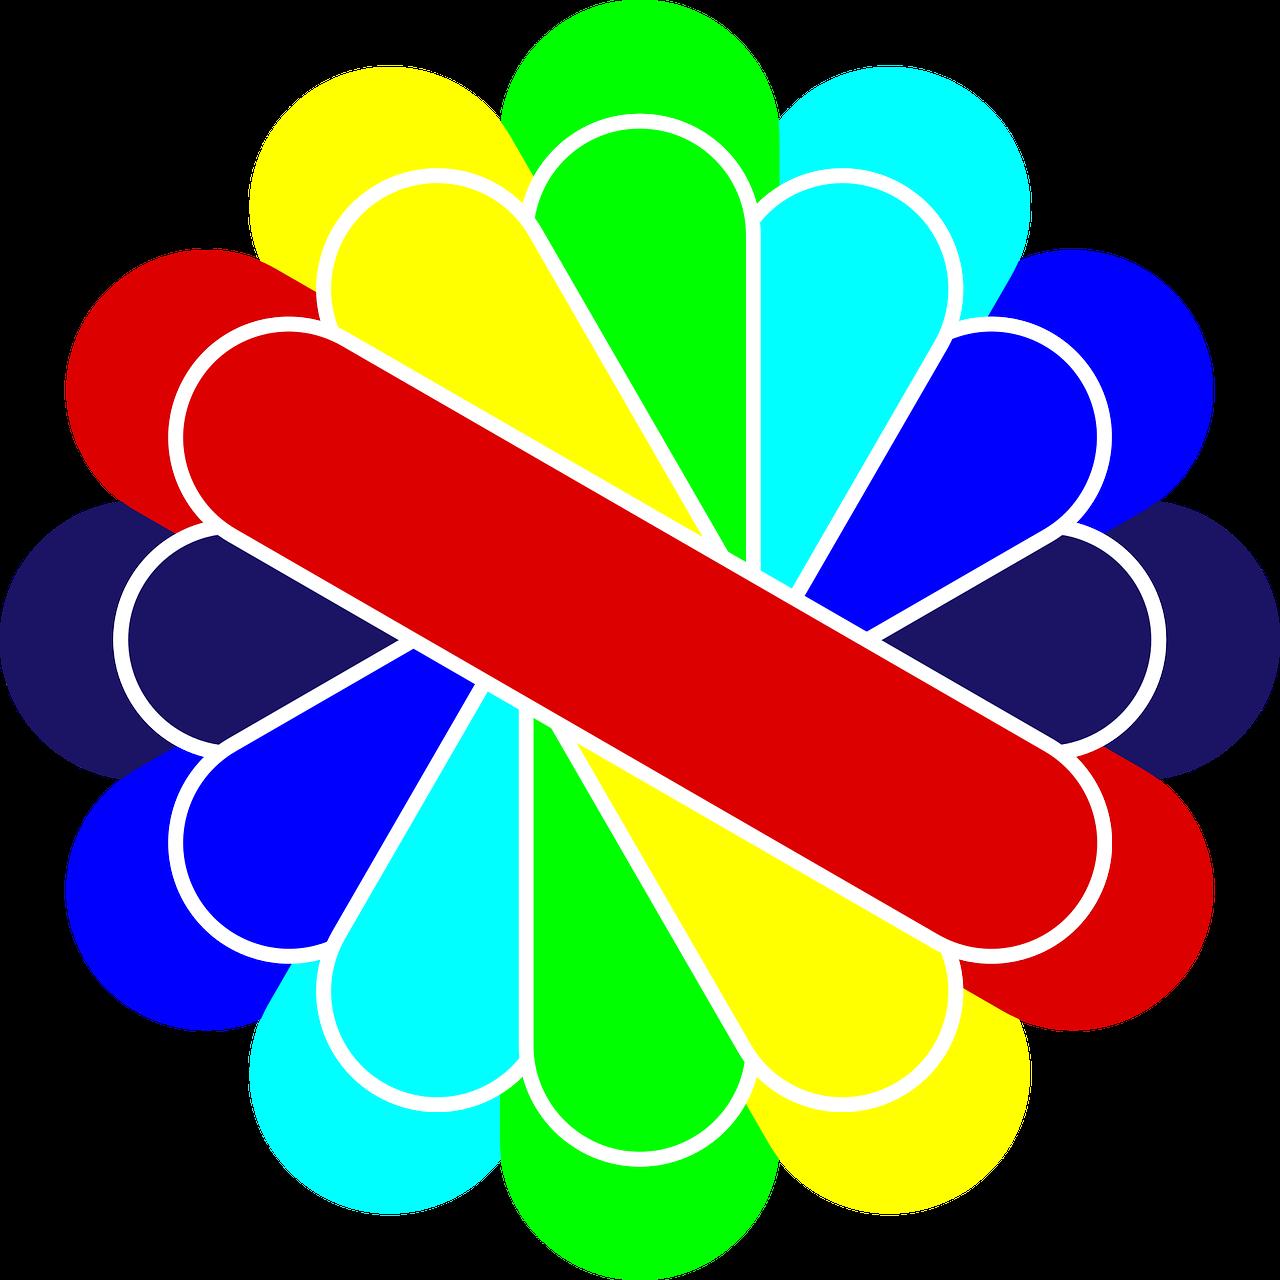 clip art black and white Logo icon symbol badge. Vector color retro